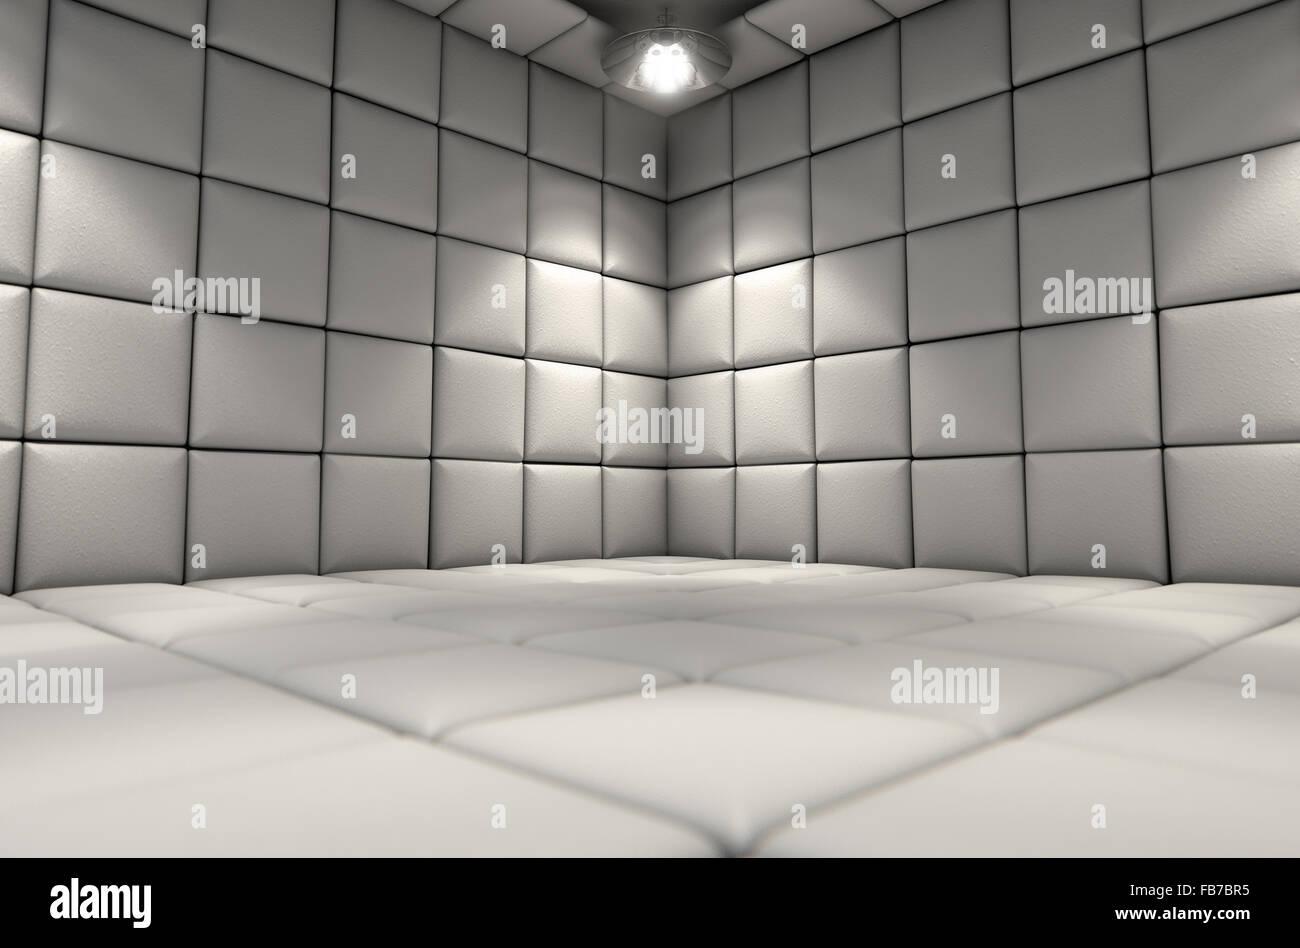 Eine weiße Gummizelle in einer psychiatrischen Klinik Stockfoto